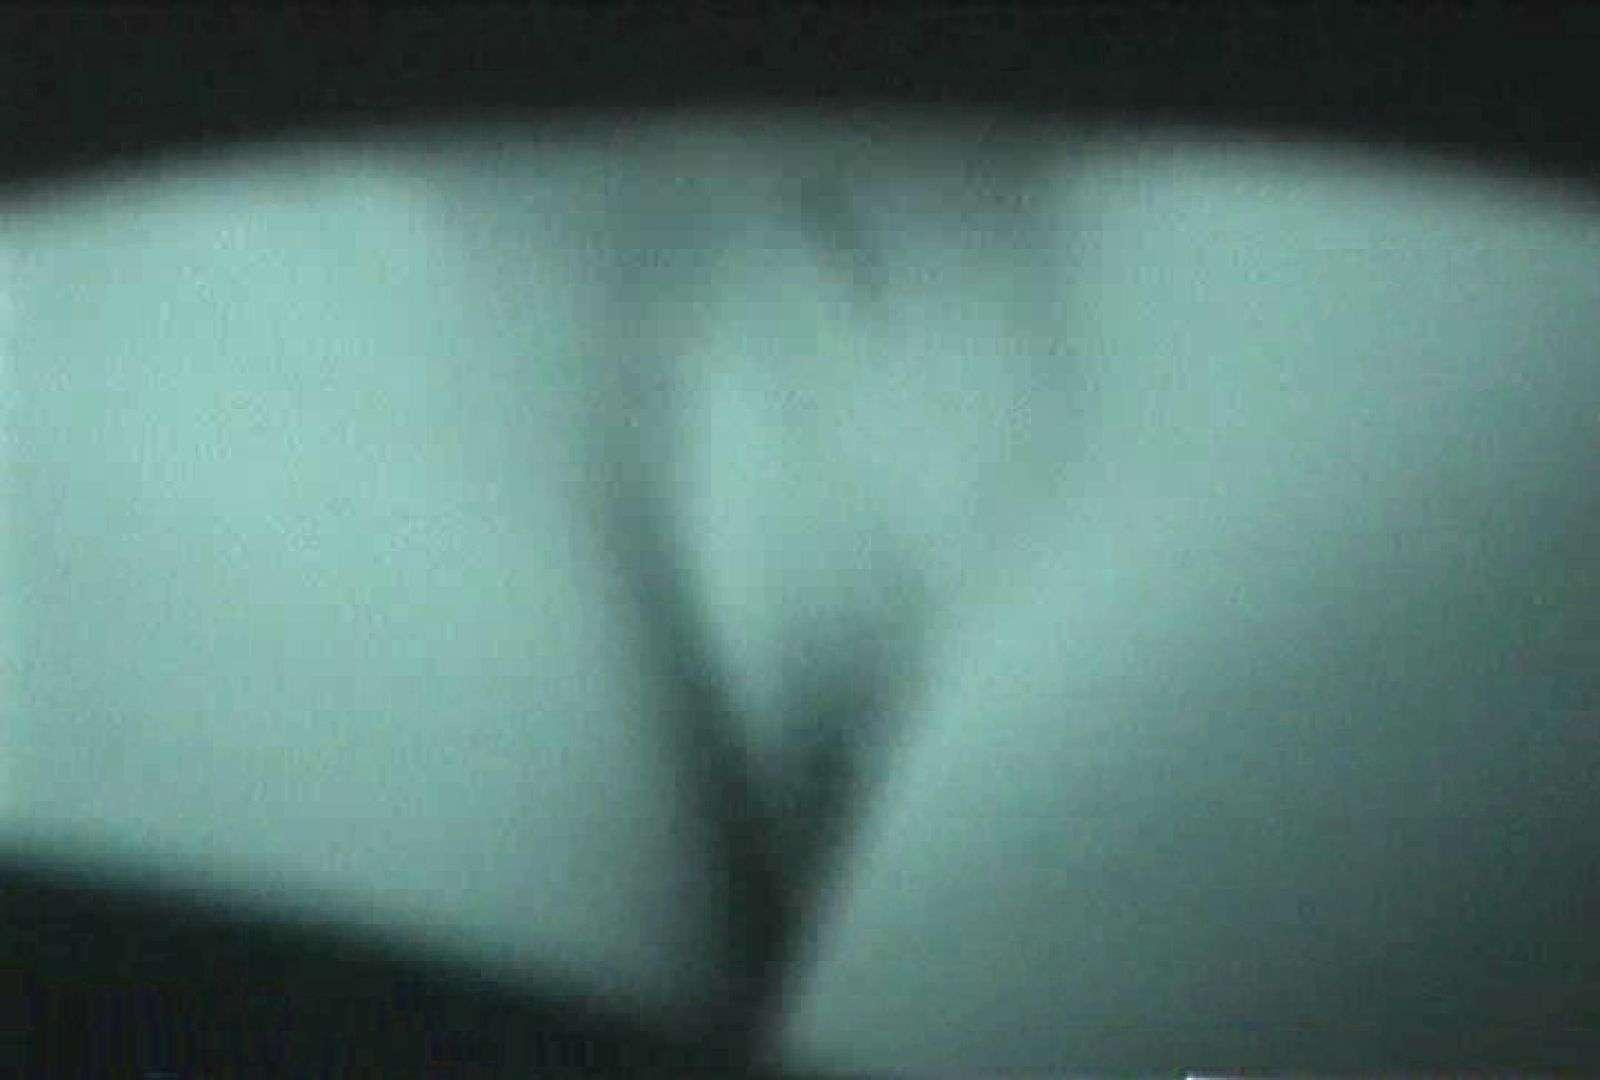 充血監督の深夜の運動会Vol.87 マンコ無修正 | OLセックス  93画像 47